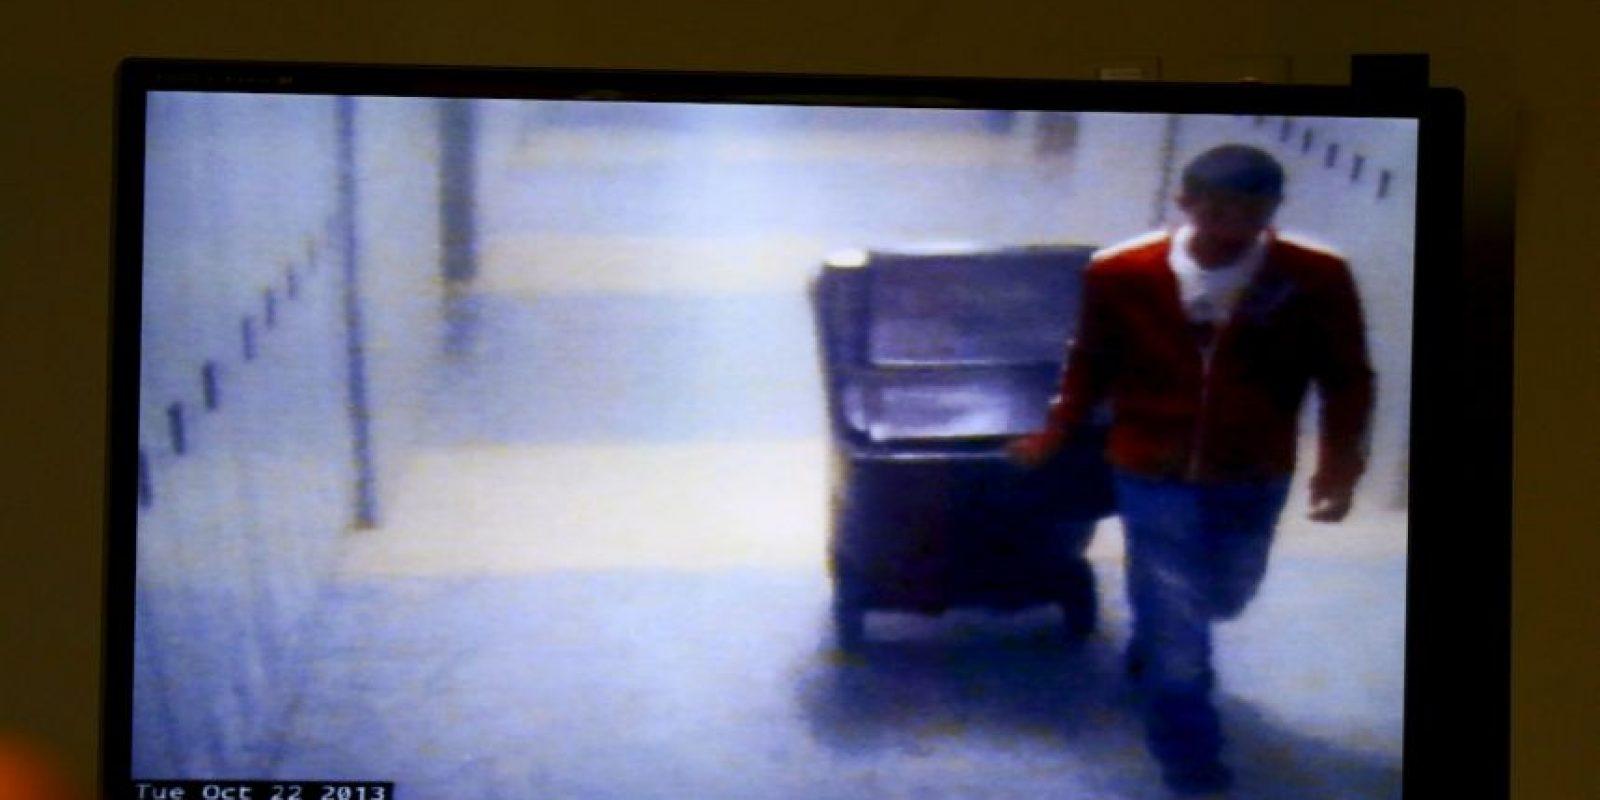 De acuerdo con los fiscales, el joven luego de abusar de su maestra, la mató y le robó algunas de sus pertenecias. Foto:AP